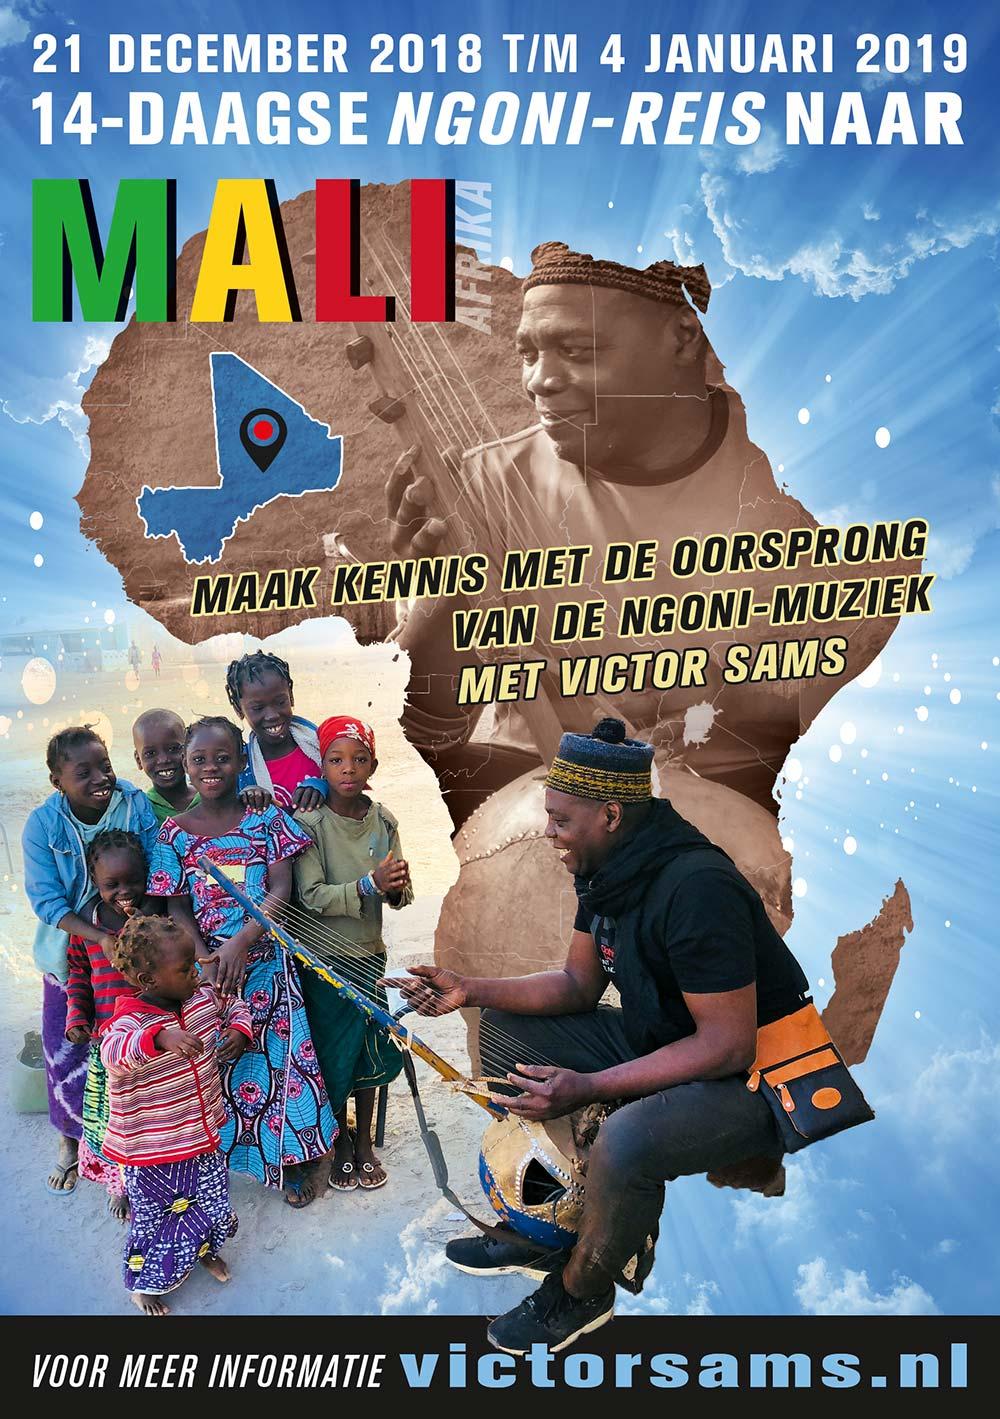 ngoni amsterdam victor sams ngoni reis mali afrika 14 dagen 2018 2019 - 14 daagse Ngoni-Reis naar Mali, Afrika